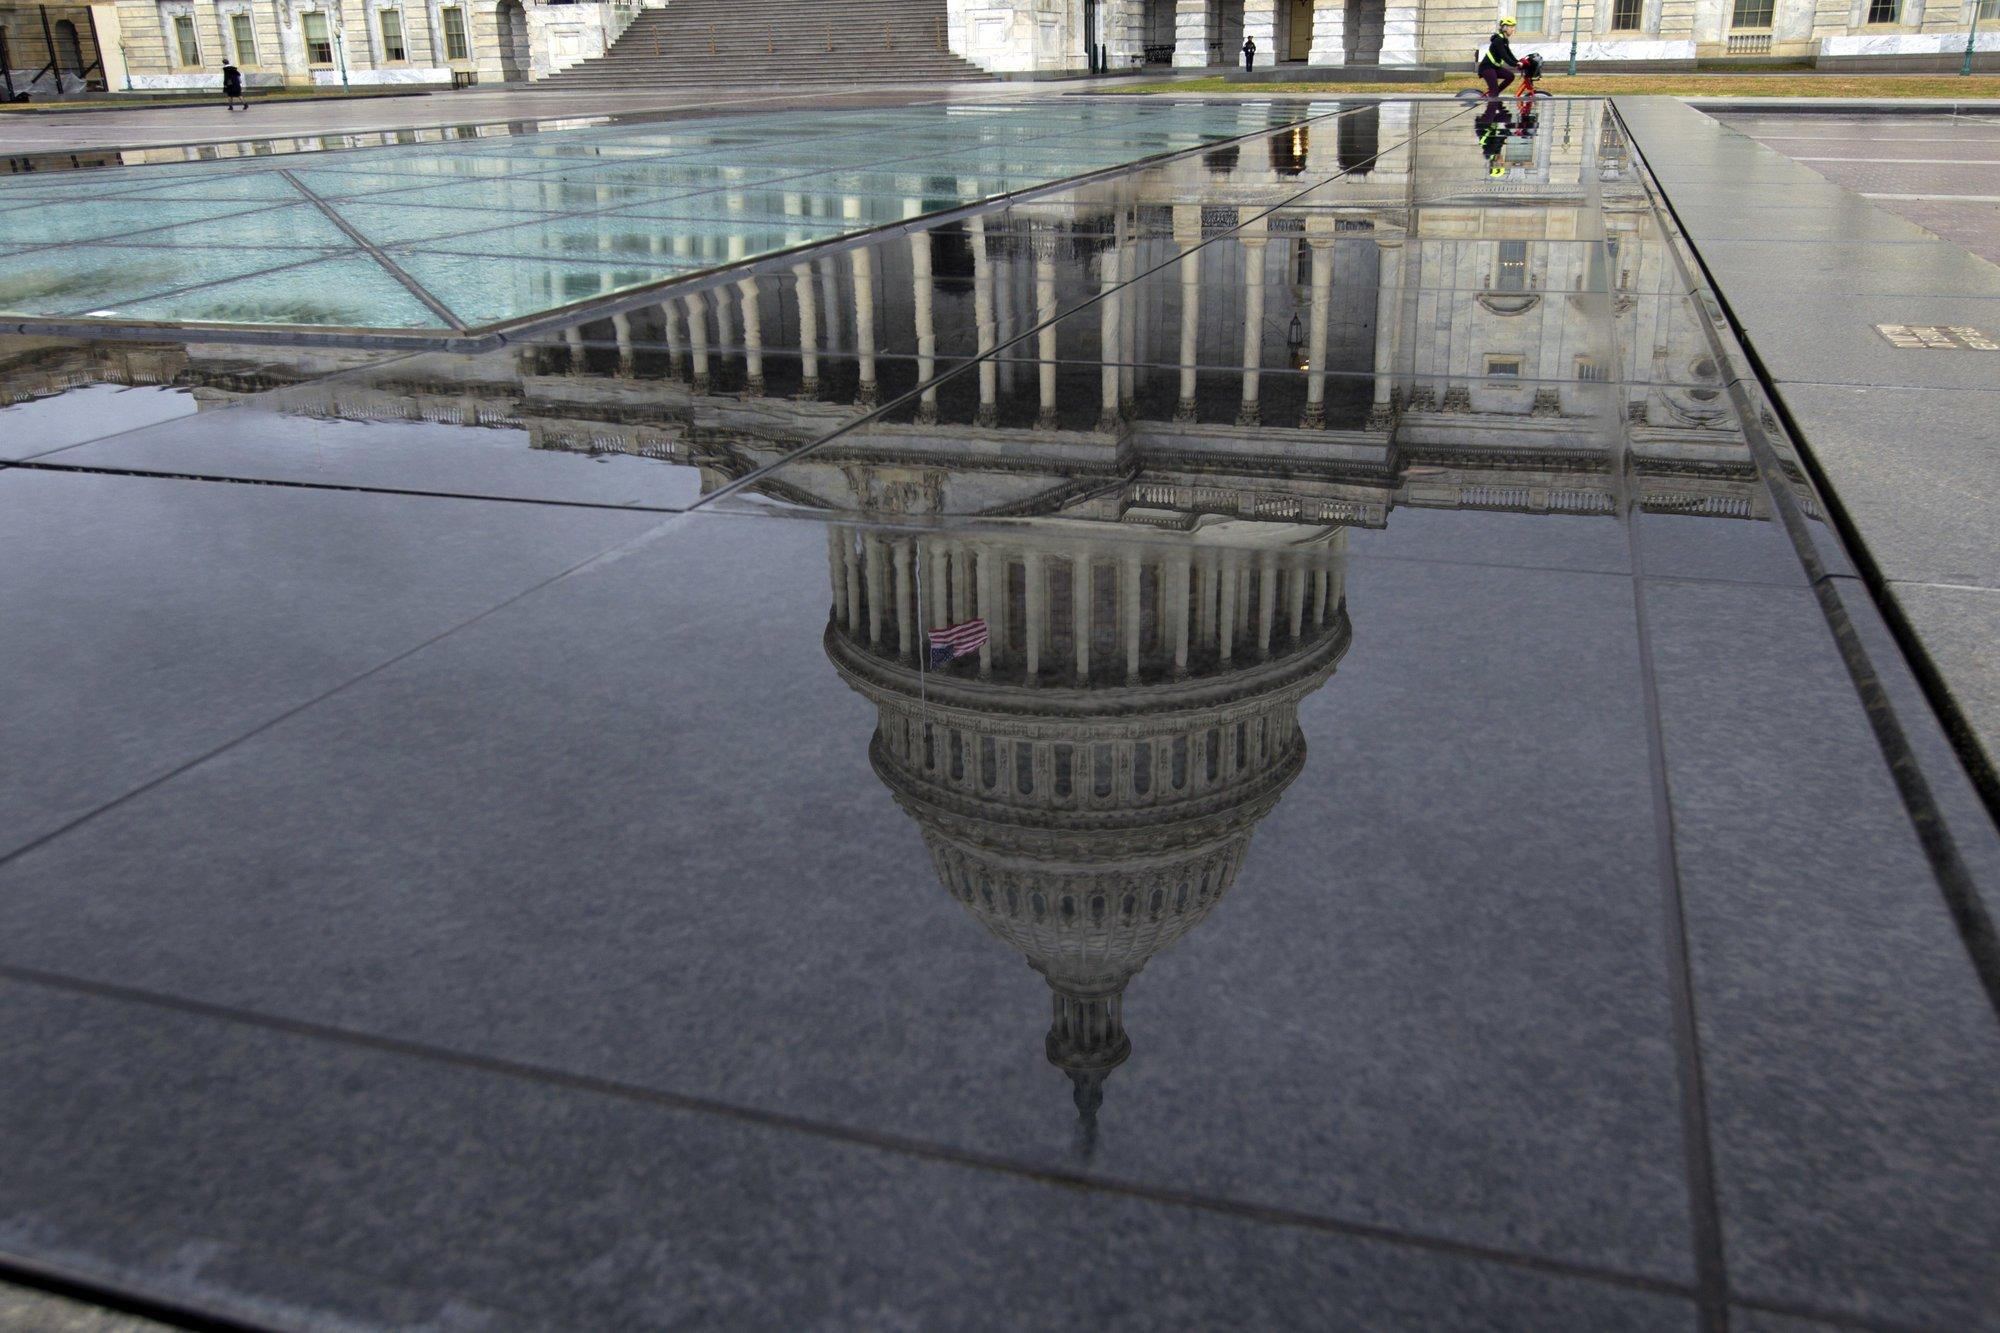 U.S. Capitol_1545407094578.jpeg.jpg